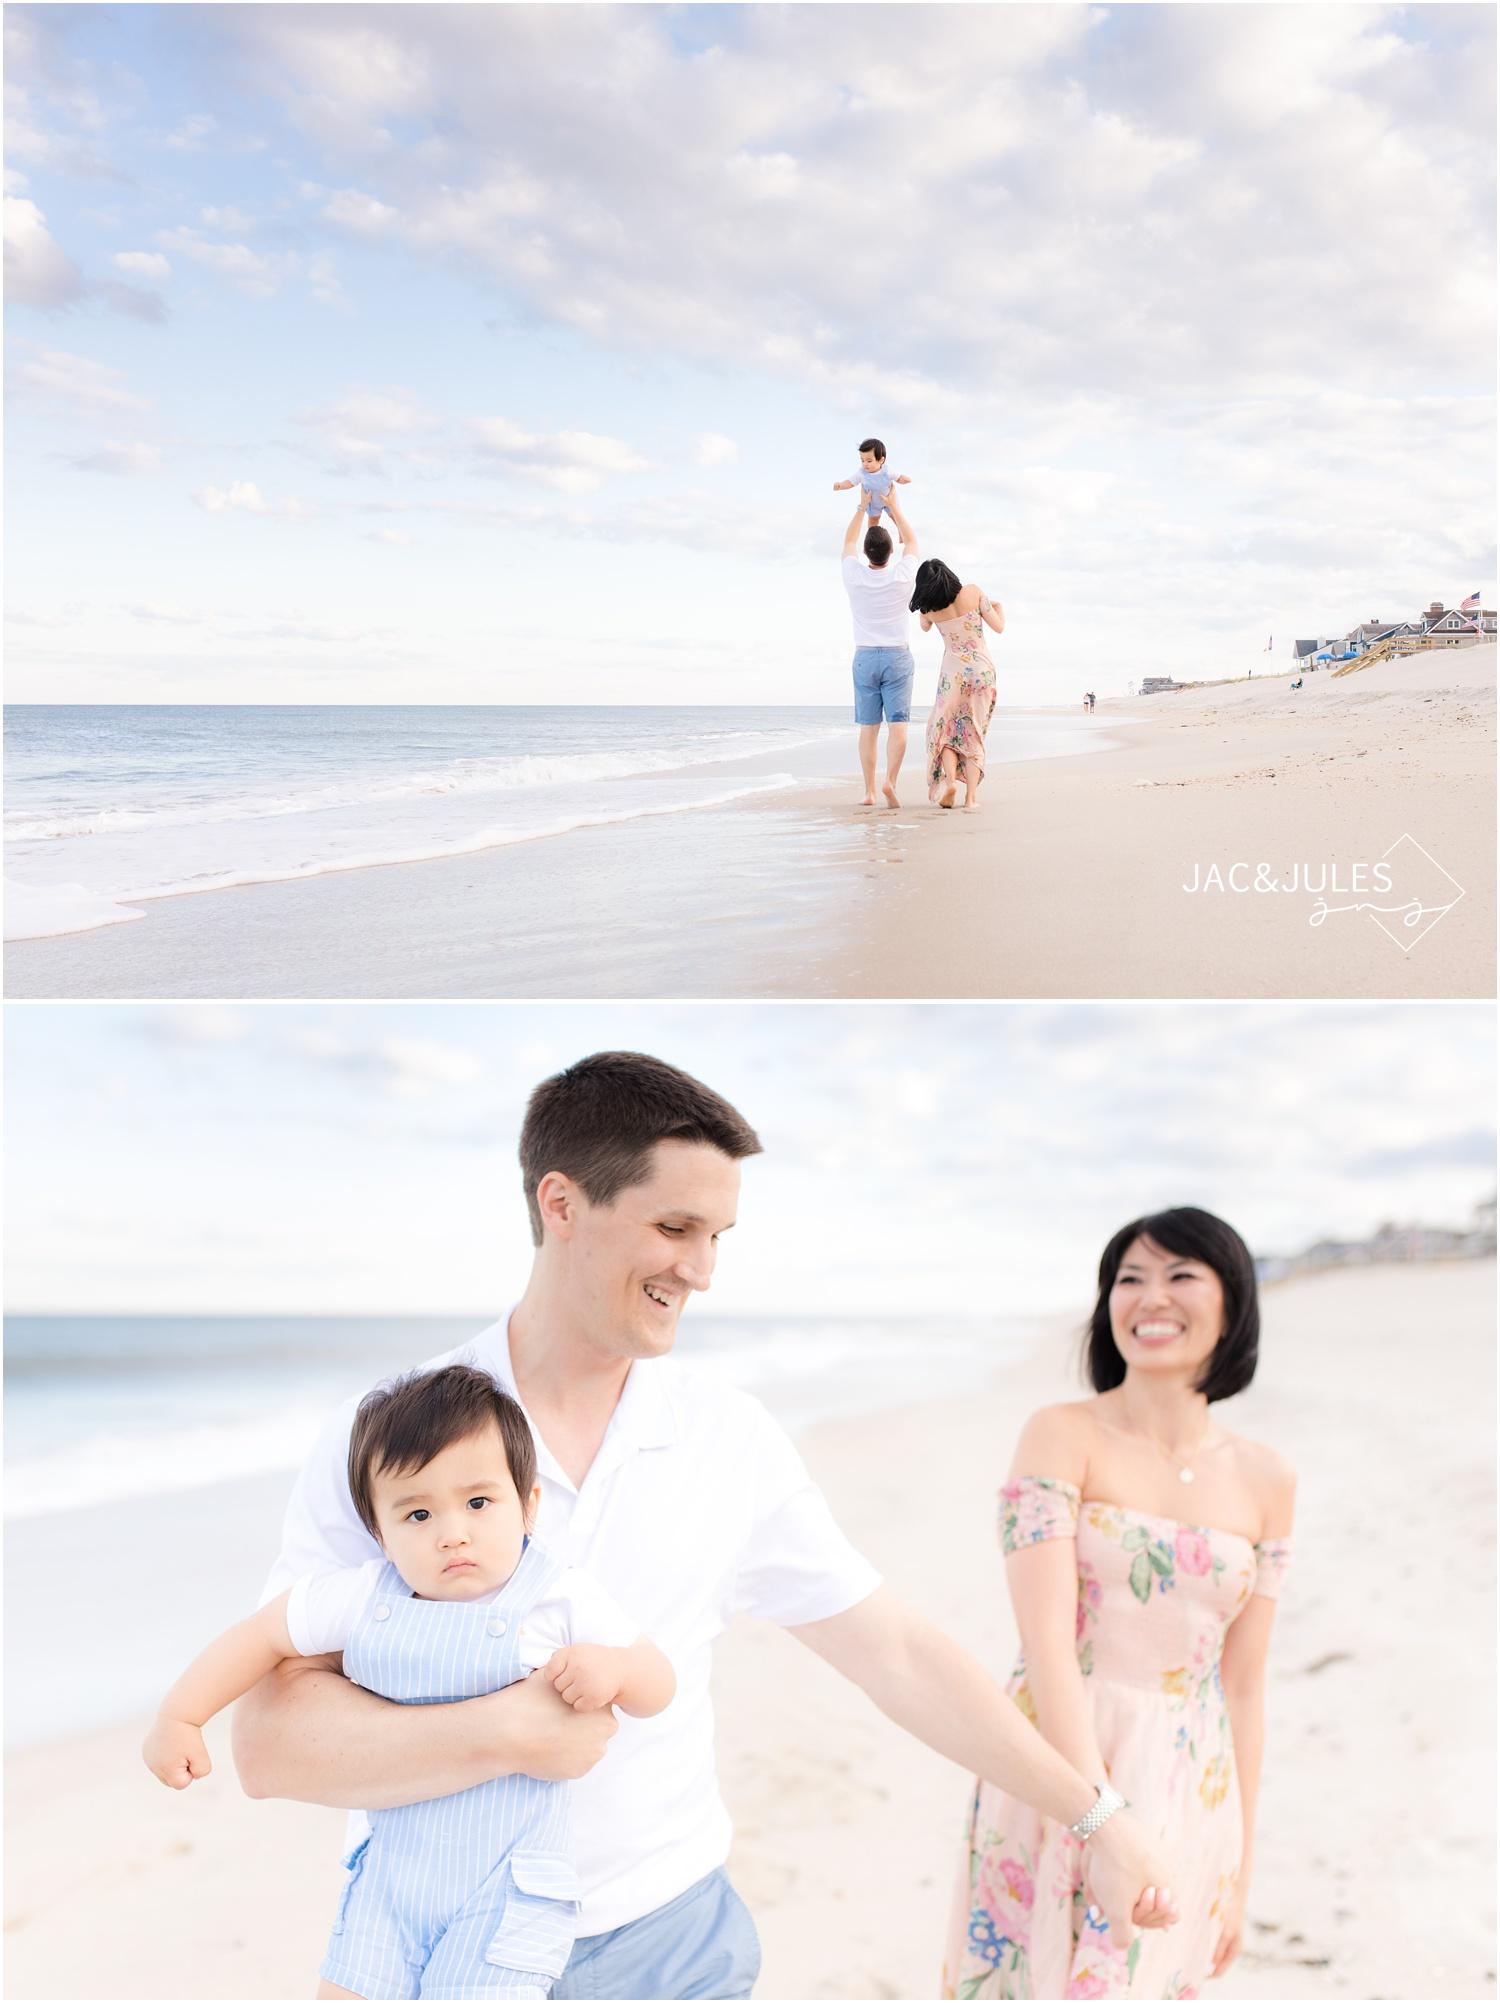 fun family beach photos in Mantoloking, NJ.